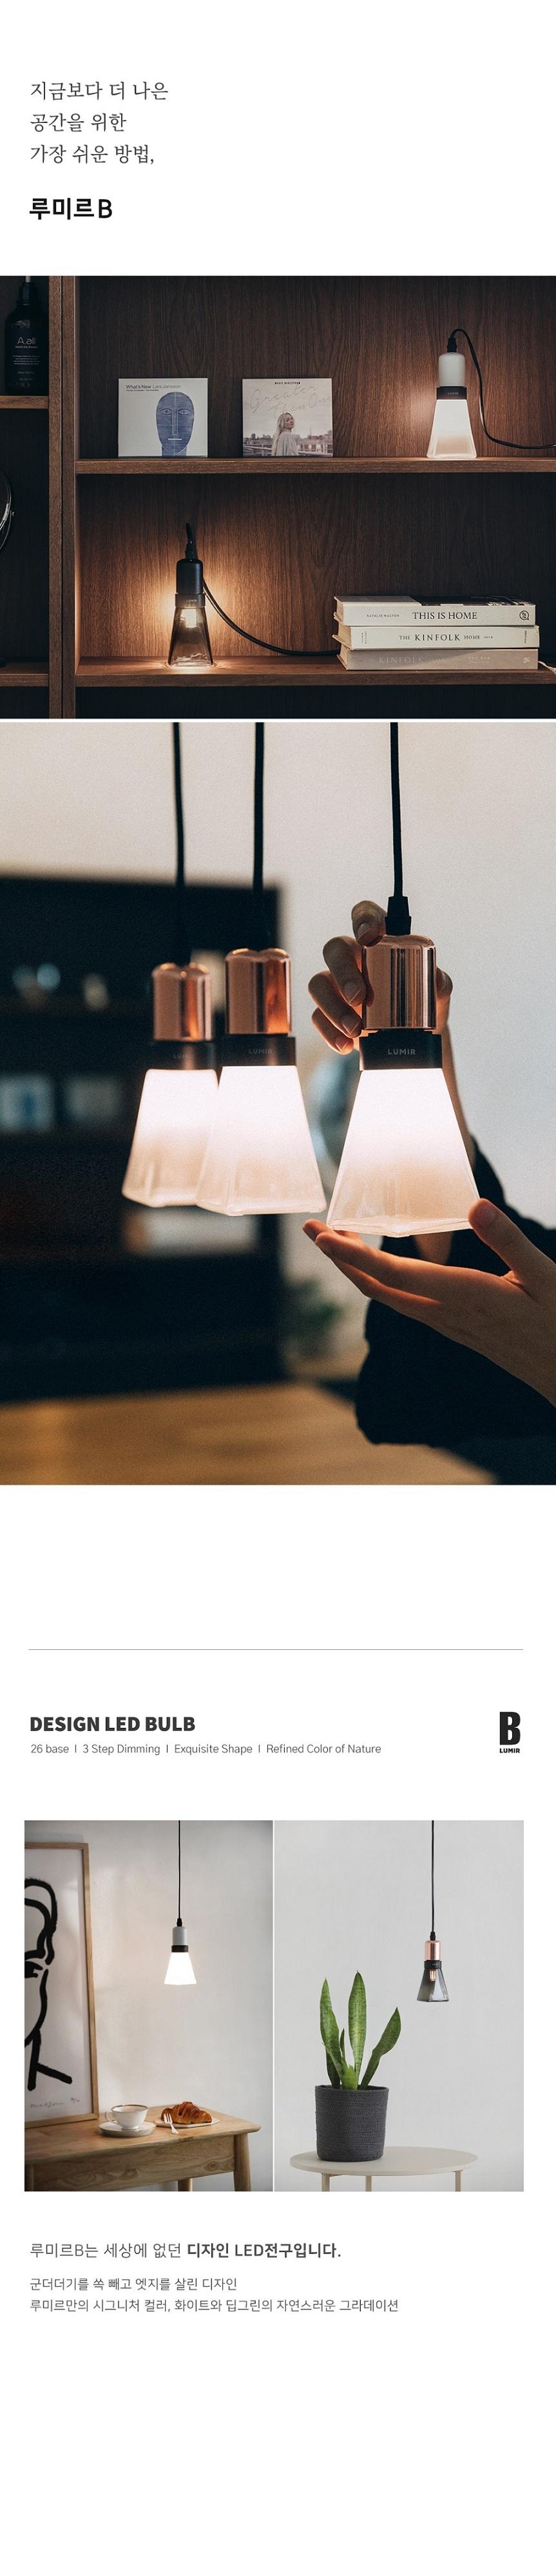 루미르B  펜던트SET (펜던트조명 식탁등 3단계밝기조절) - 루미르, 39,600원, 리빙조명, 방등/천장등